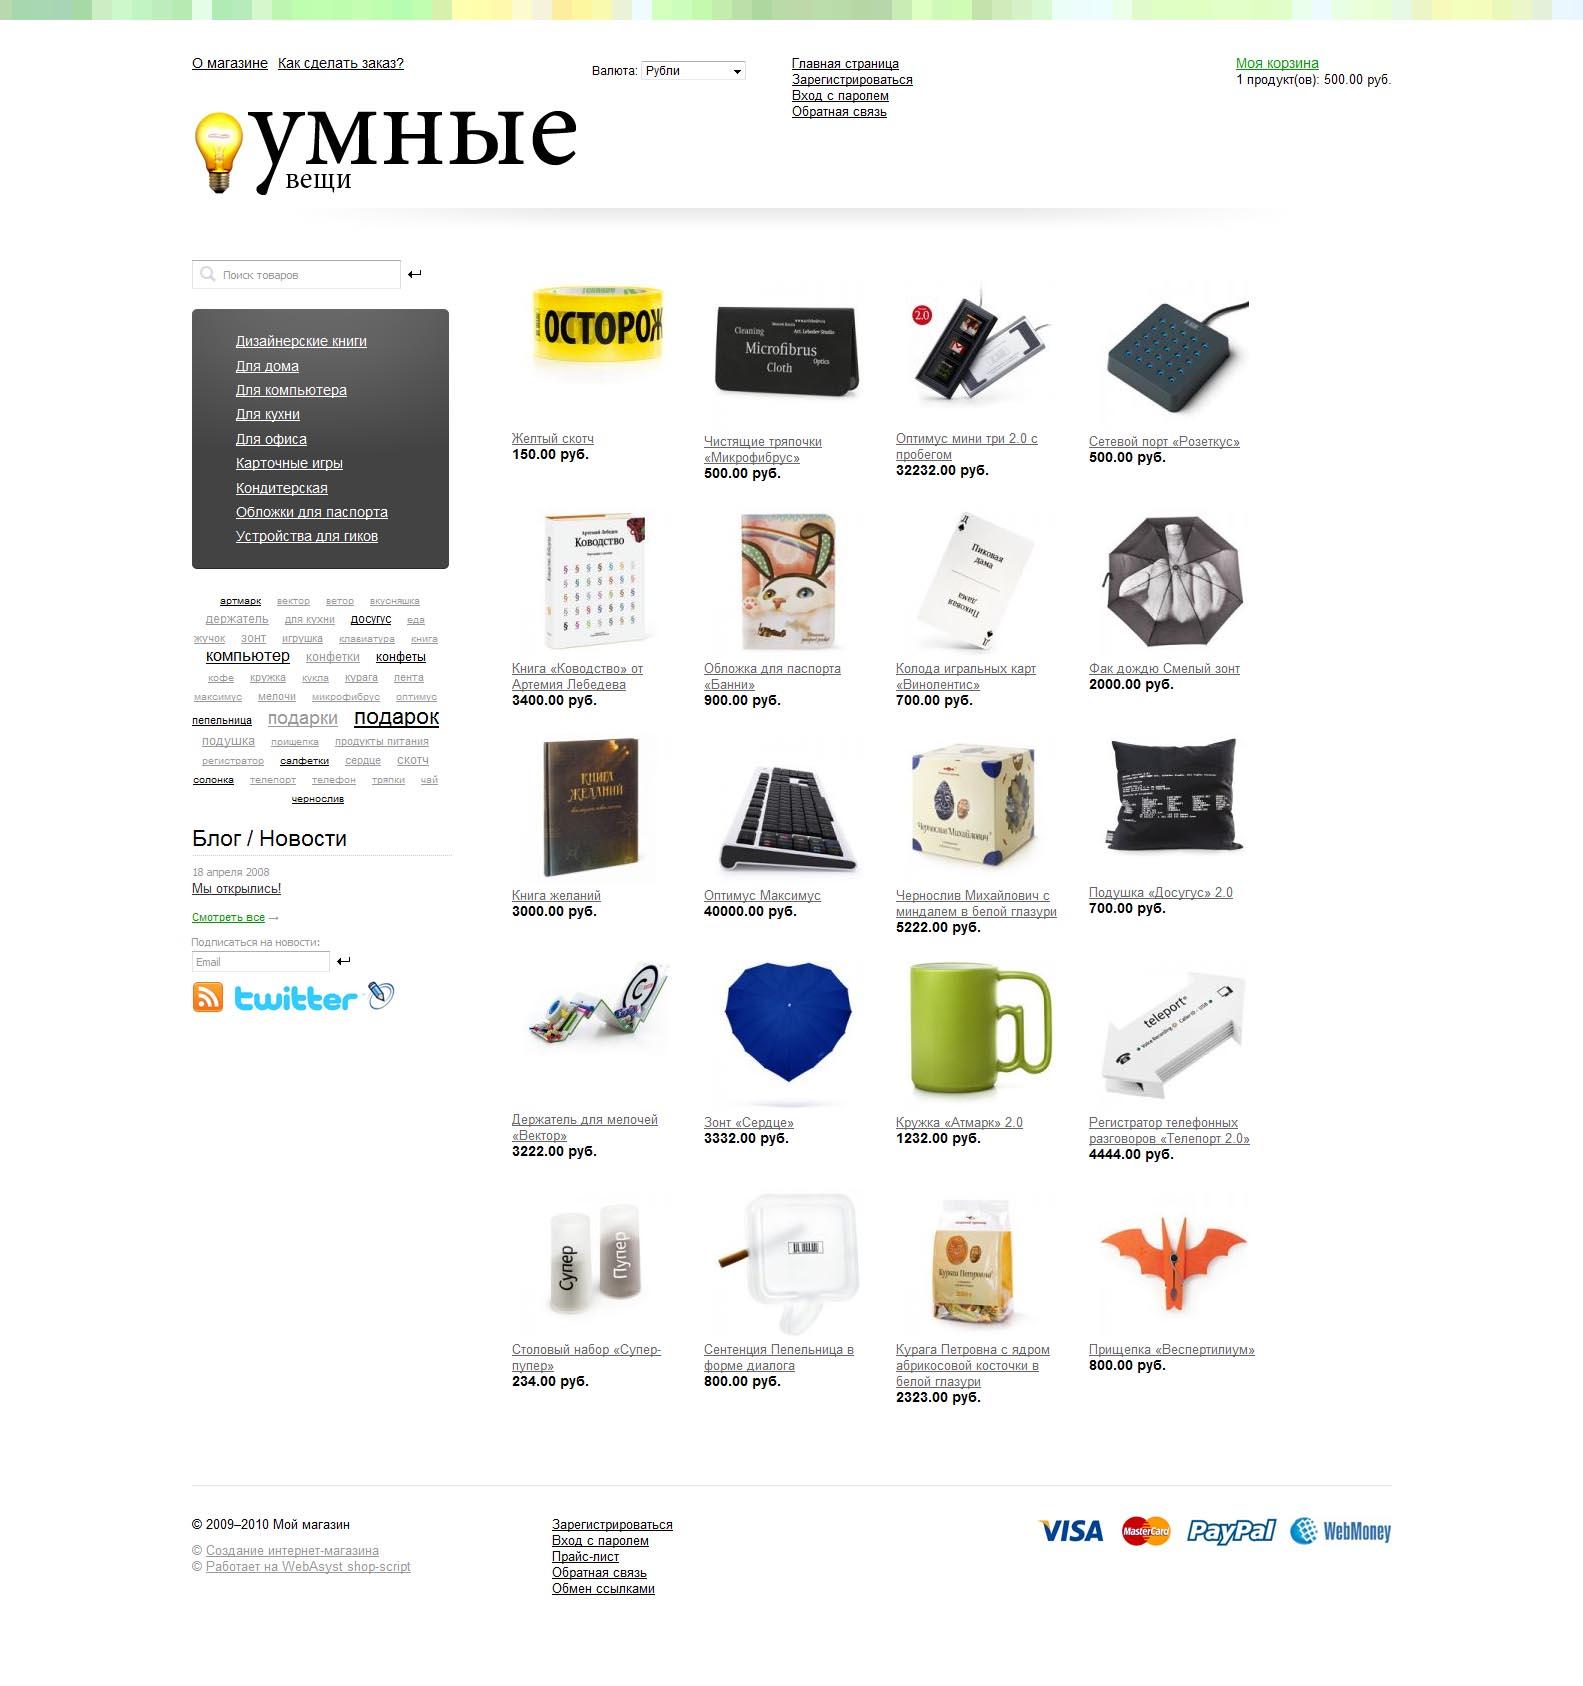 Goods Интернет Магазин Москва Каталог Товаров